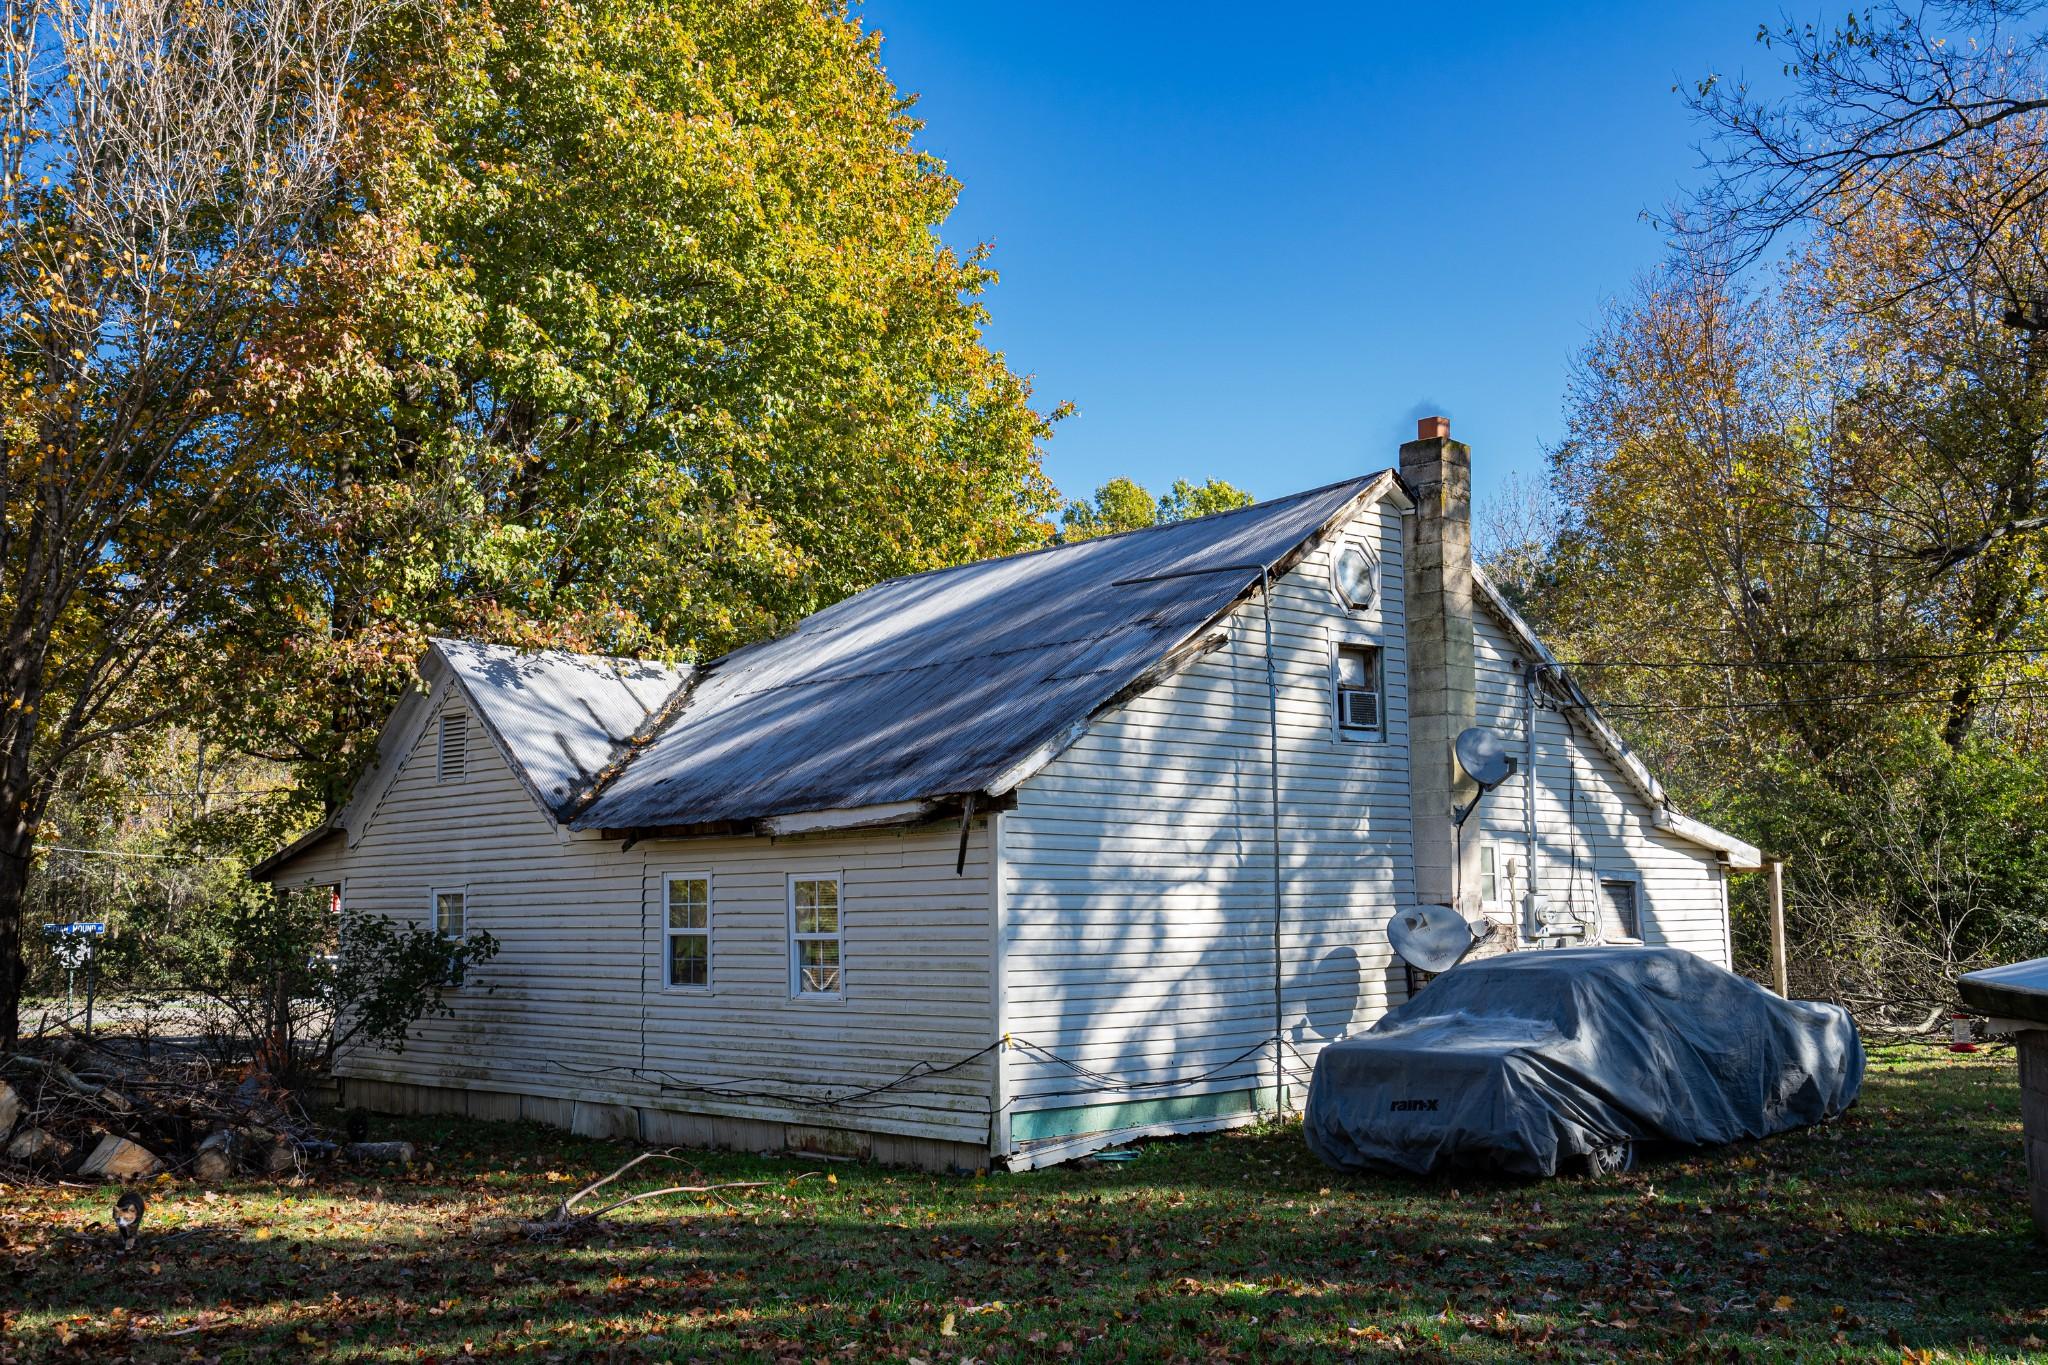 2691 Indian Mound Rd, Woodlawn, TN 37191 - Woodlawn, TN real estate listing